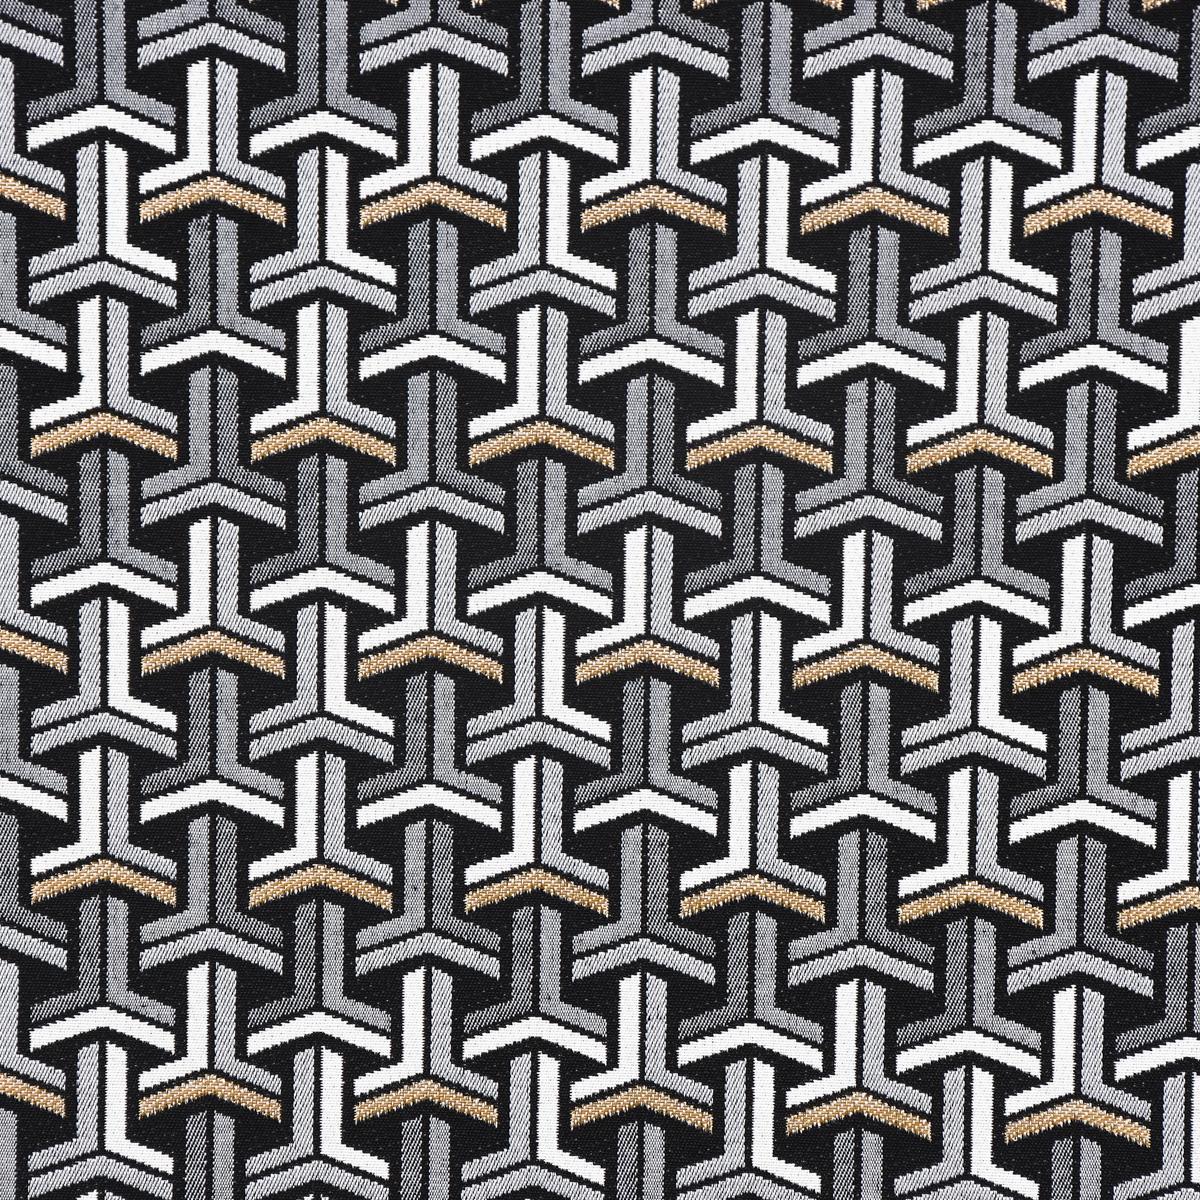 Skandinavische stoffe schwarz weiss  Dekostoff Jacquard-Stoff grafisch T schwarz weiß goldfarbig ...